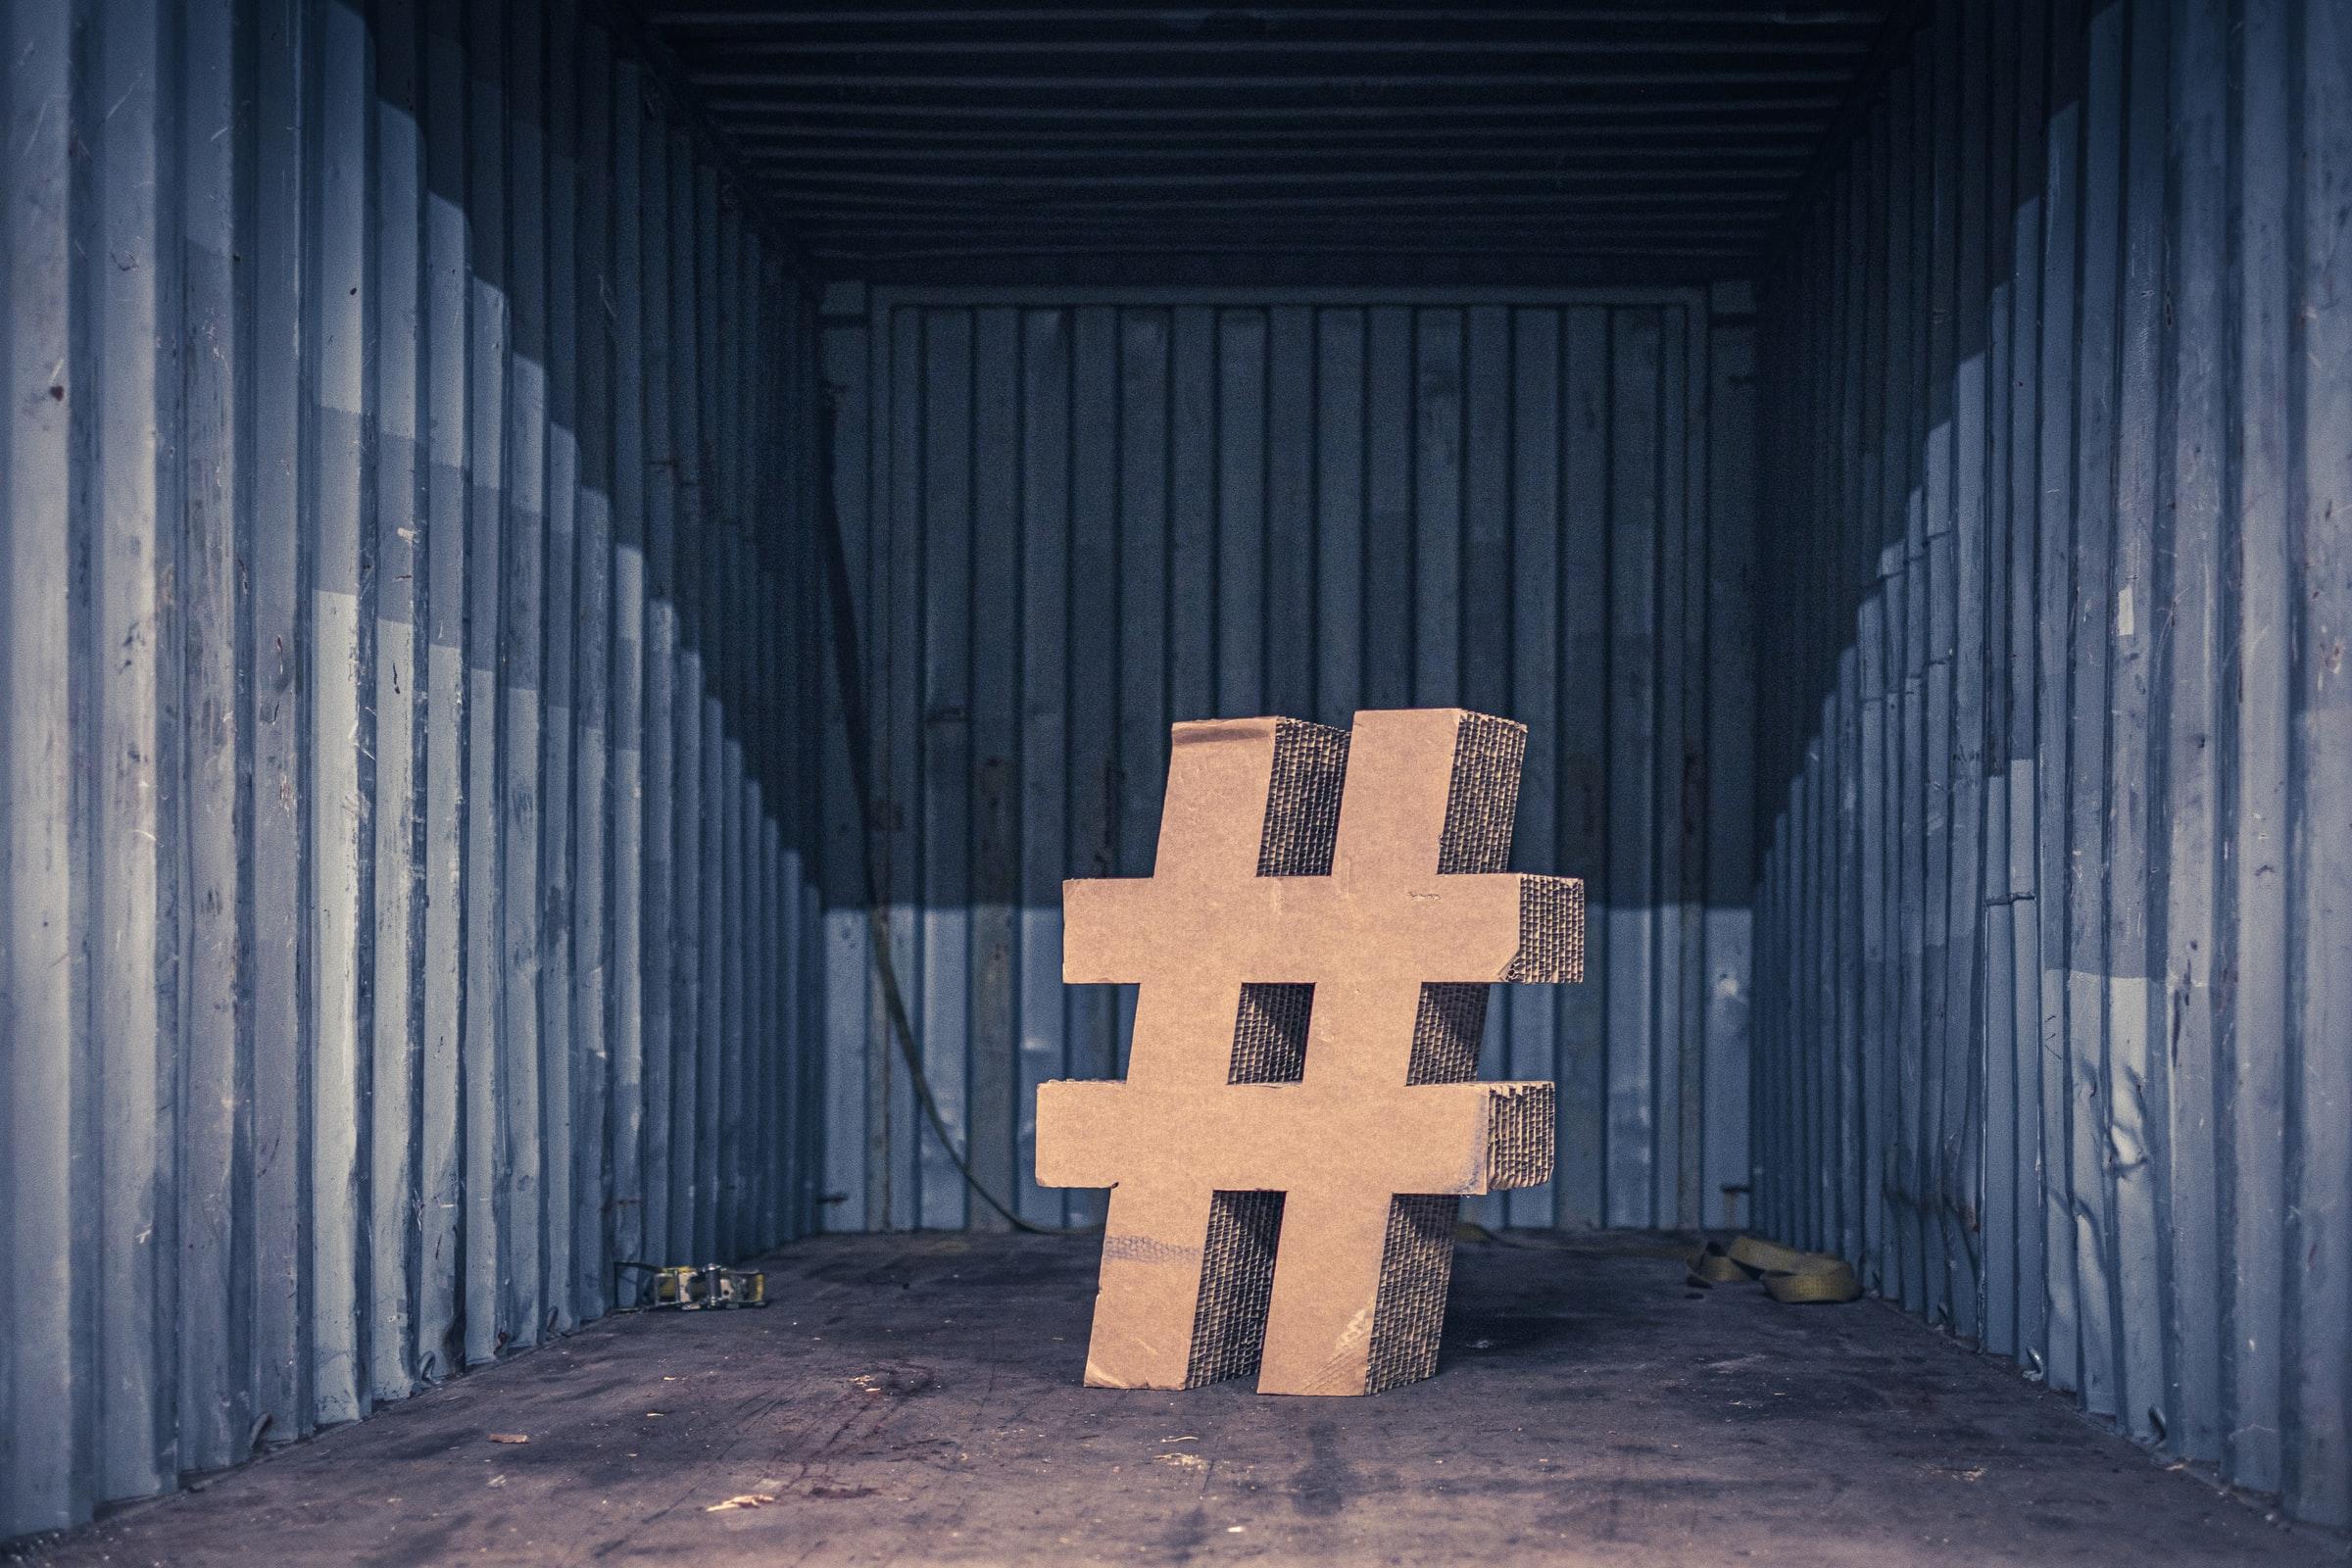 Comment utiliser le hashtag dans vos médias sociaux?